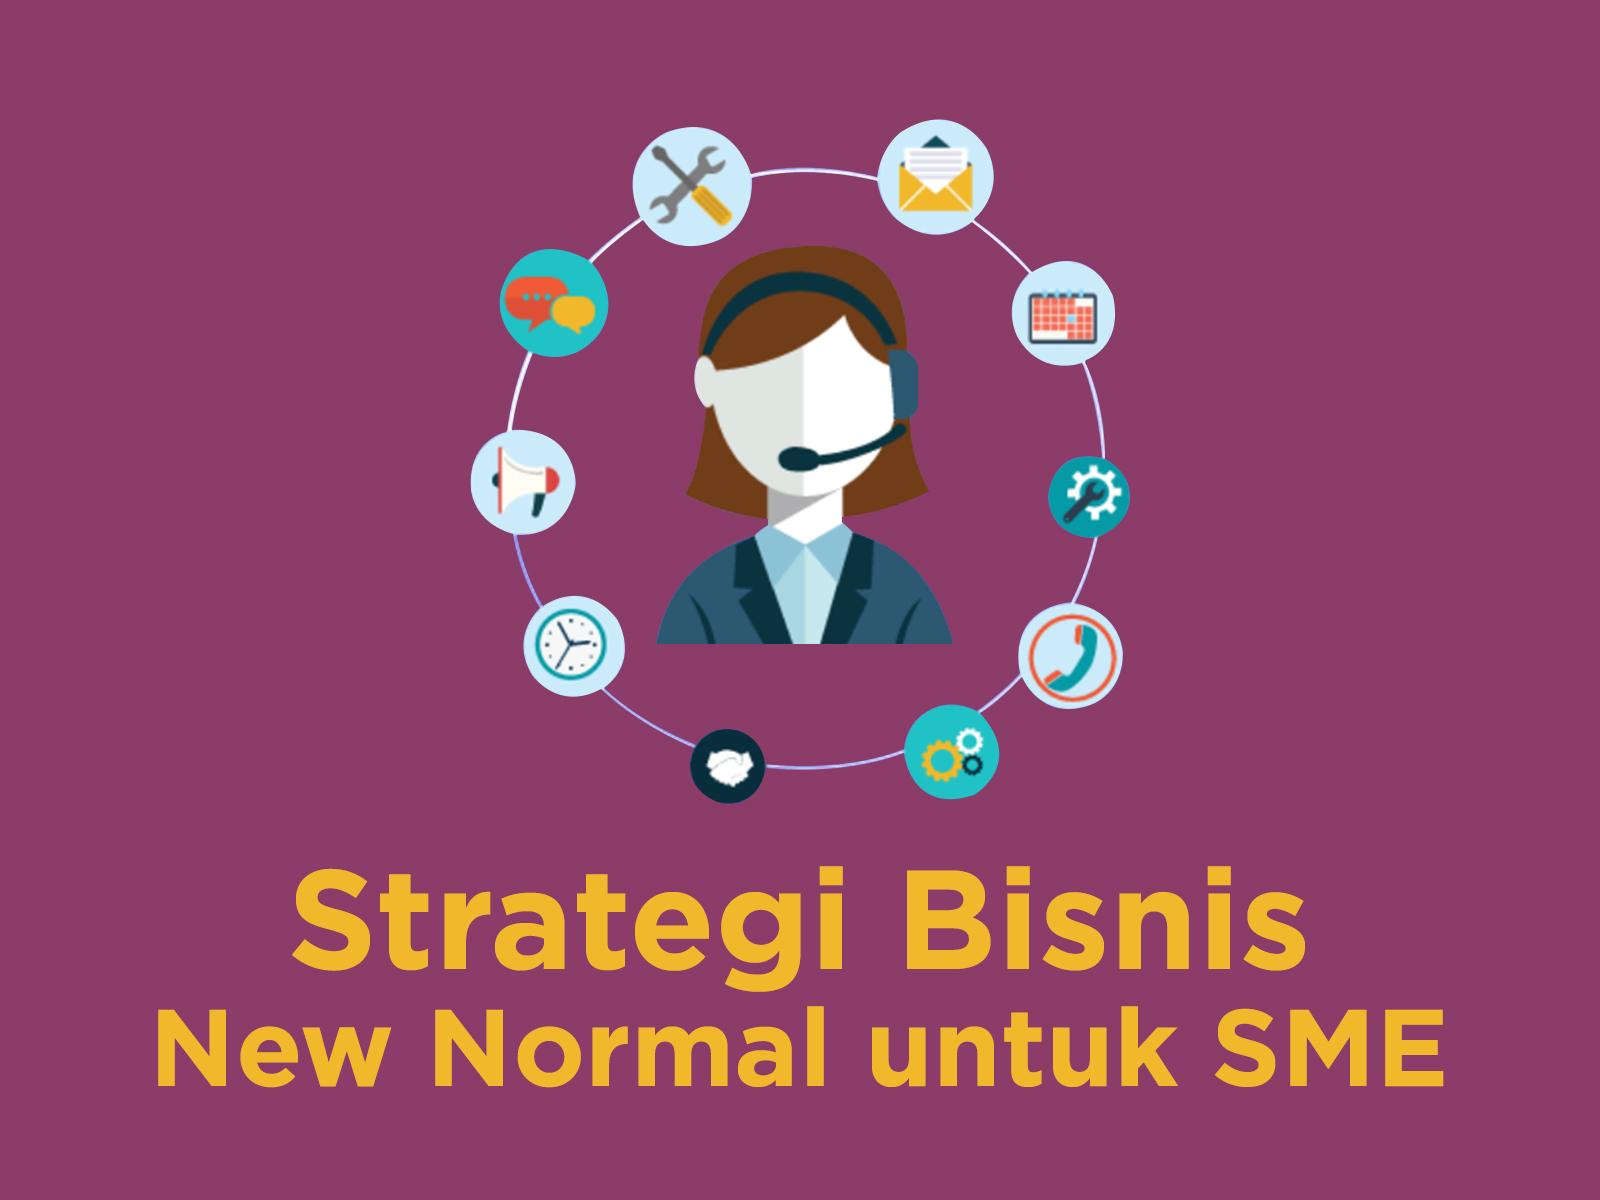 Strategi Bisnis Siap Hadapi New Normal